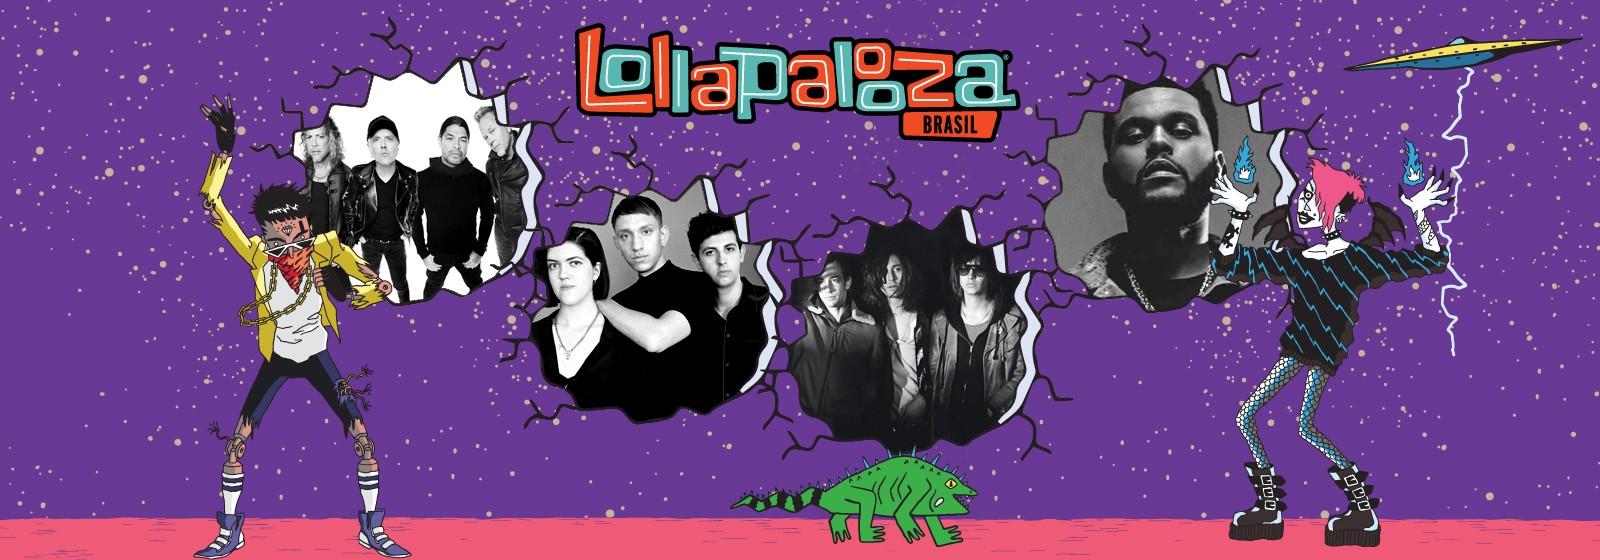 Aquecimento Lollapalooza